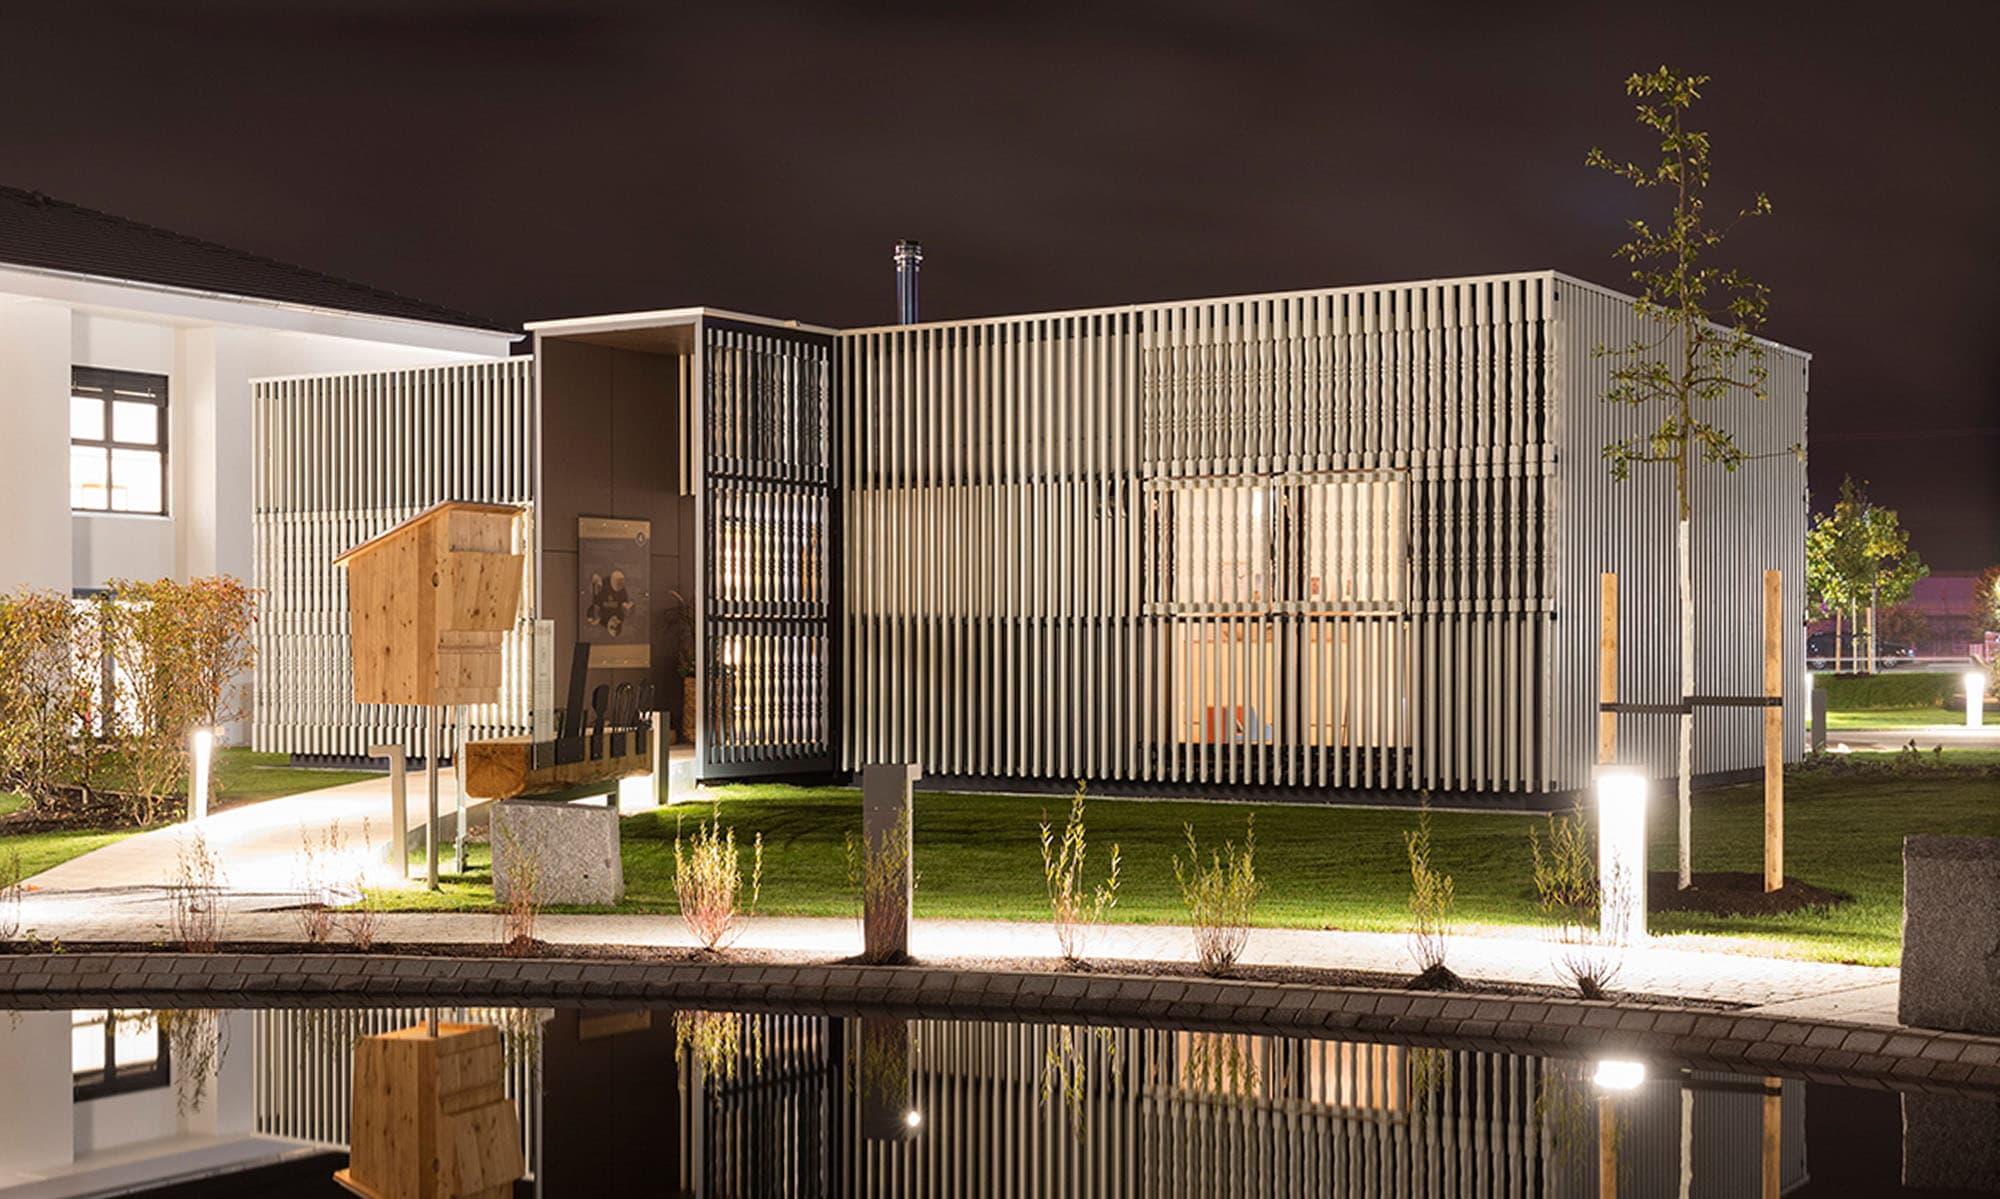 Der Ideenpavilion von Baufritz dient als Musterhaus für das Hausprogramm des Fertighausherstellers.